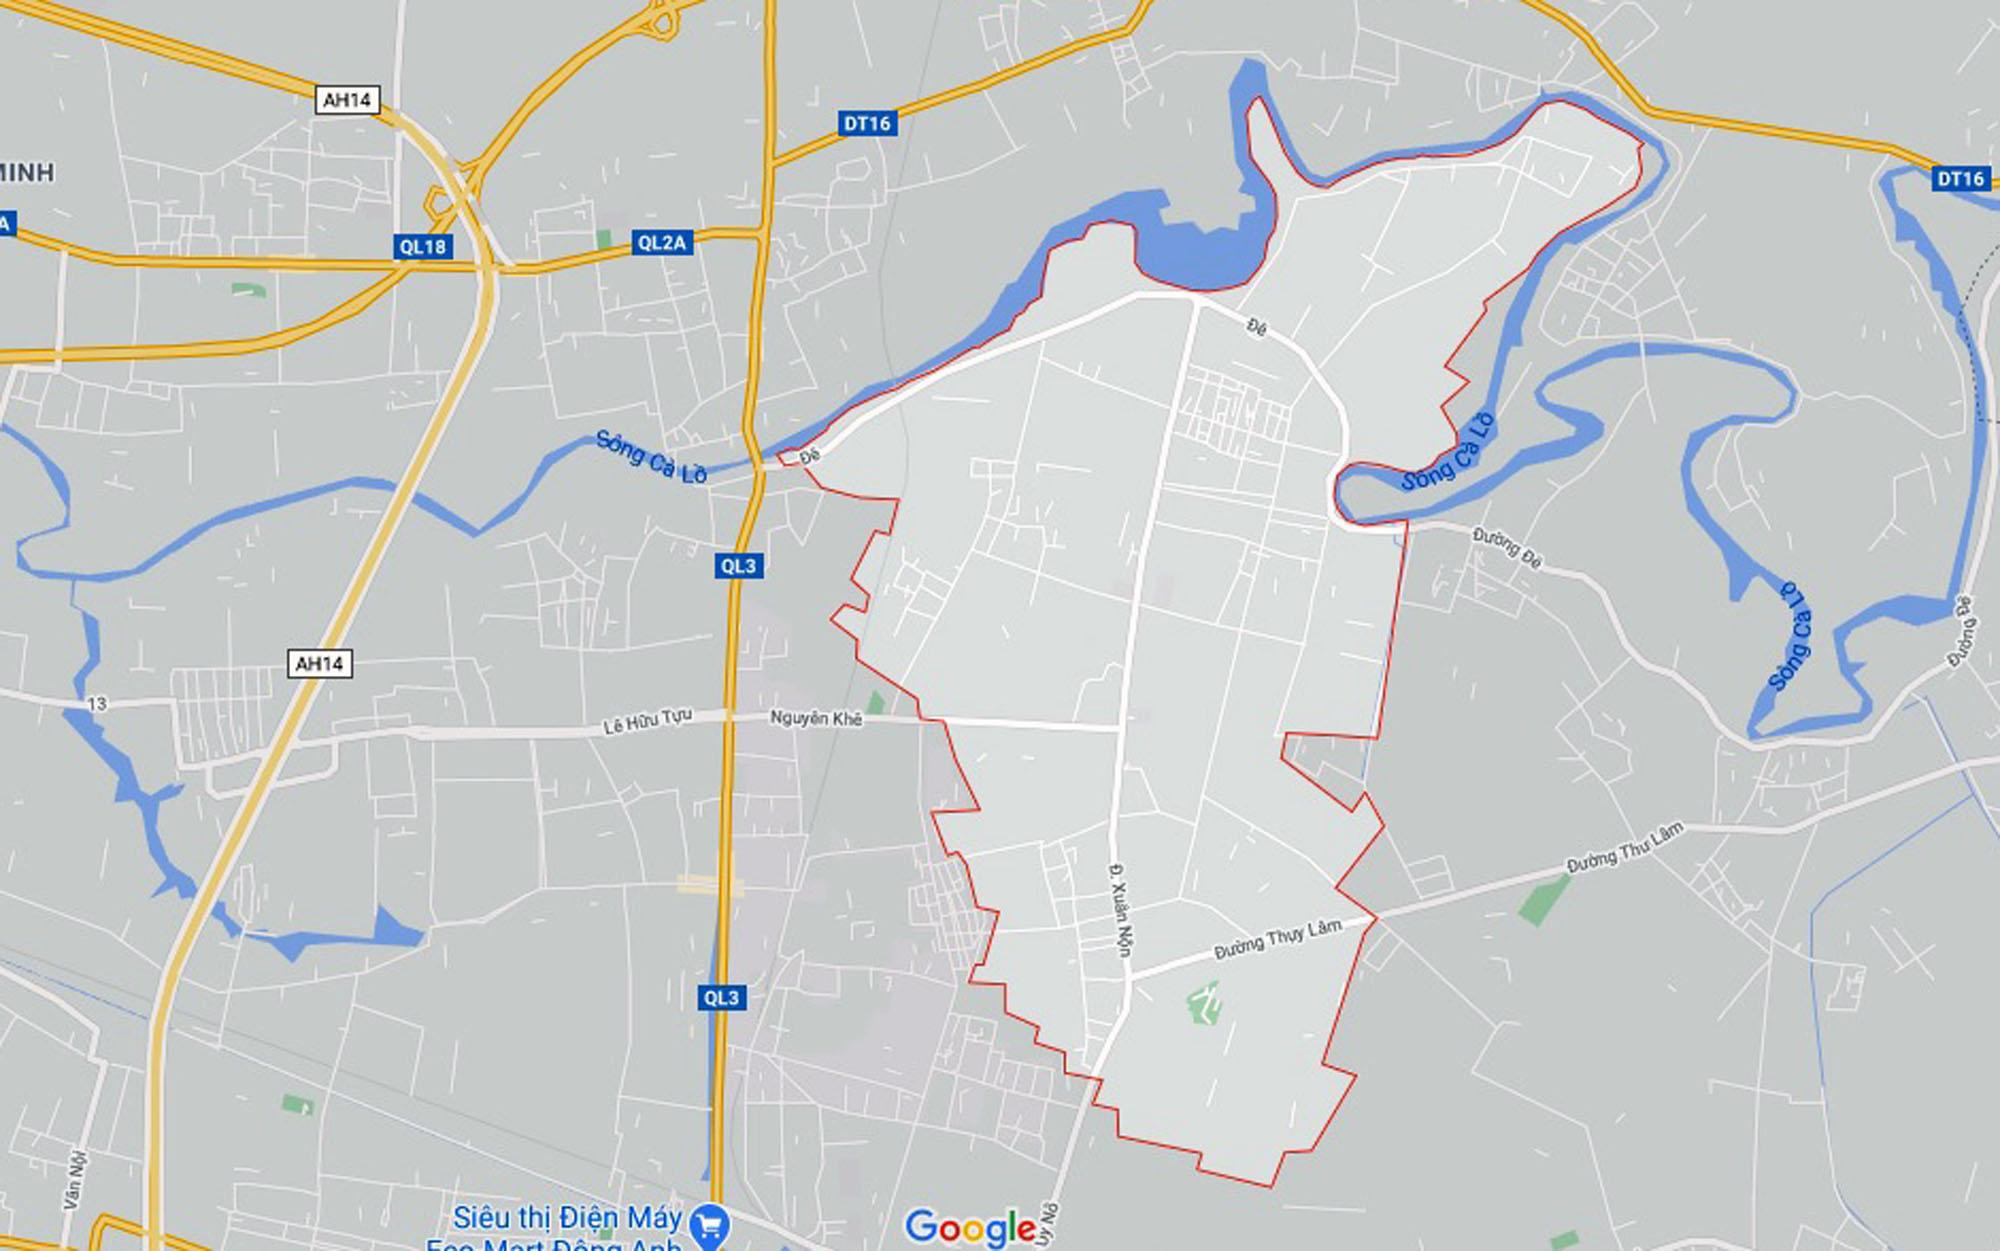 Vị trí ba đường sẽ mở theo qui hoạch ở xã Xuân Nộn, Đông Anh, Hà Nội - Ảnh 1.